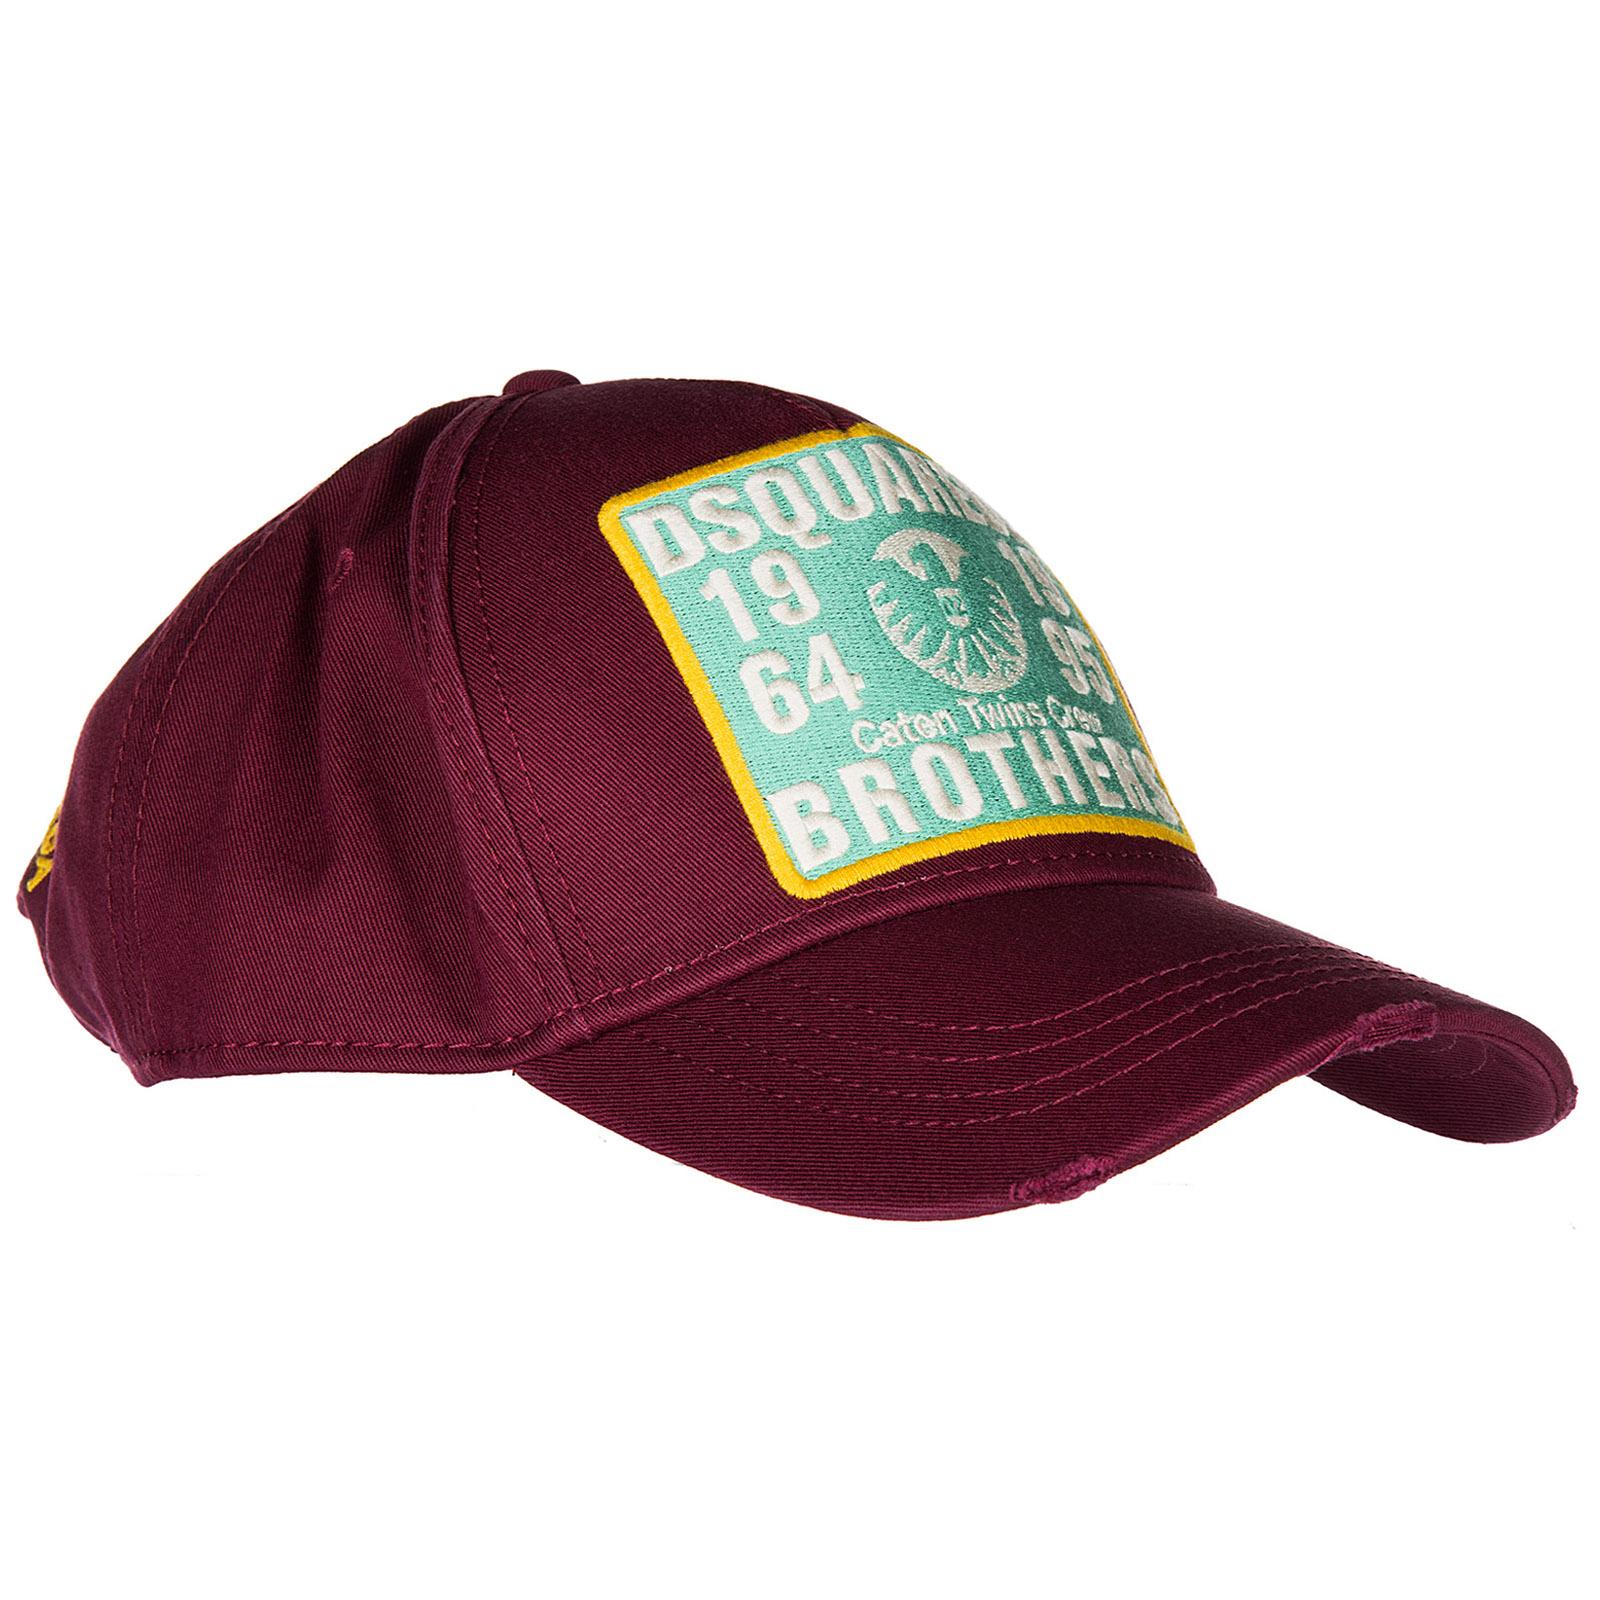 Cappello baseball Dsquared2 S17BC1014 05C 4066 bordeaux   FRMODA.com dcaf6830eb29